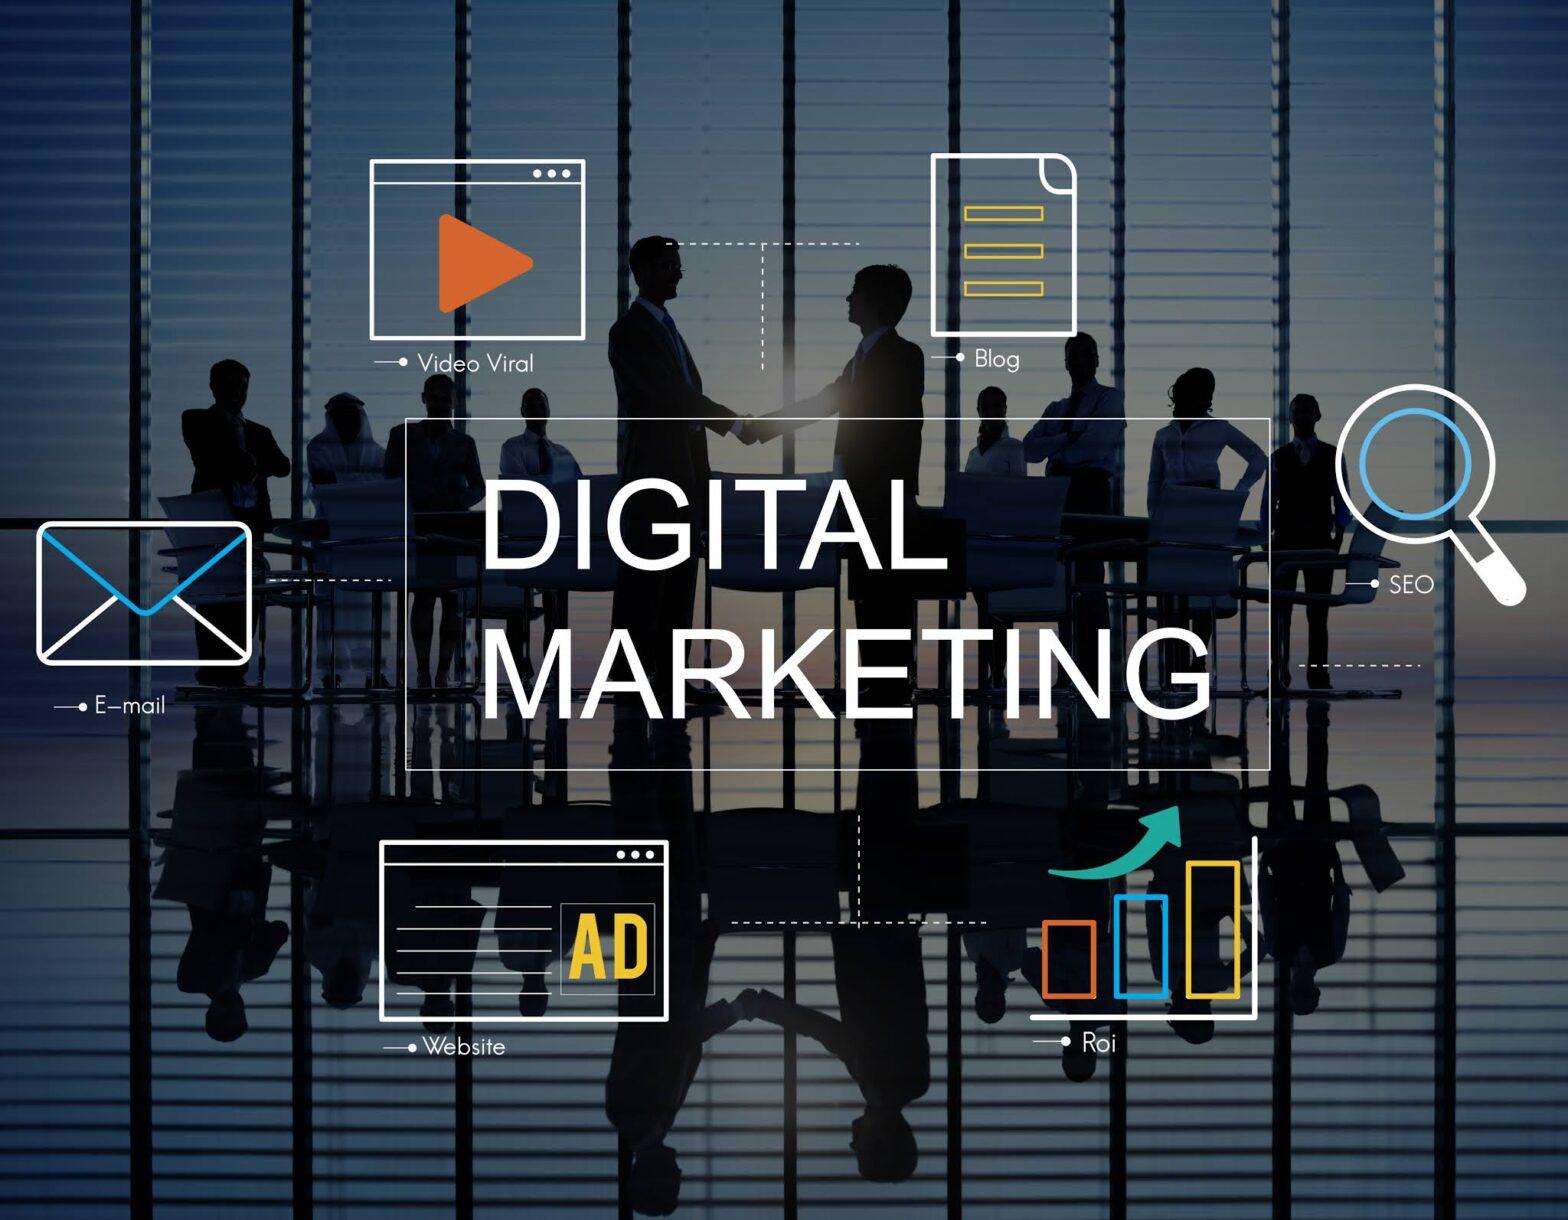 Digital Marketing ginecologos clinicas medicos marcadi salud